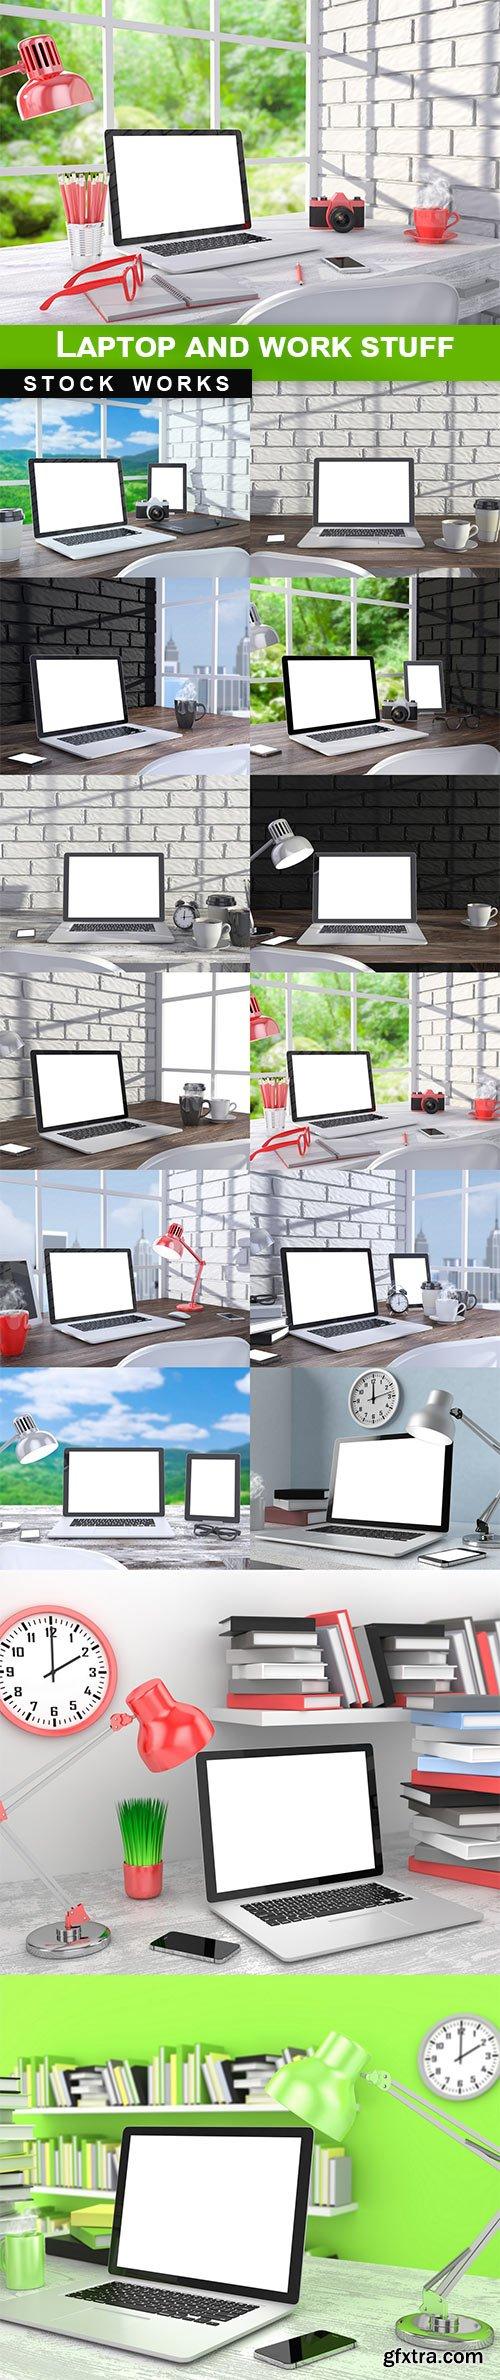 Laptop and work stuff - 14 UHQ JPEG